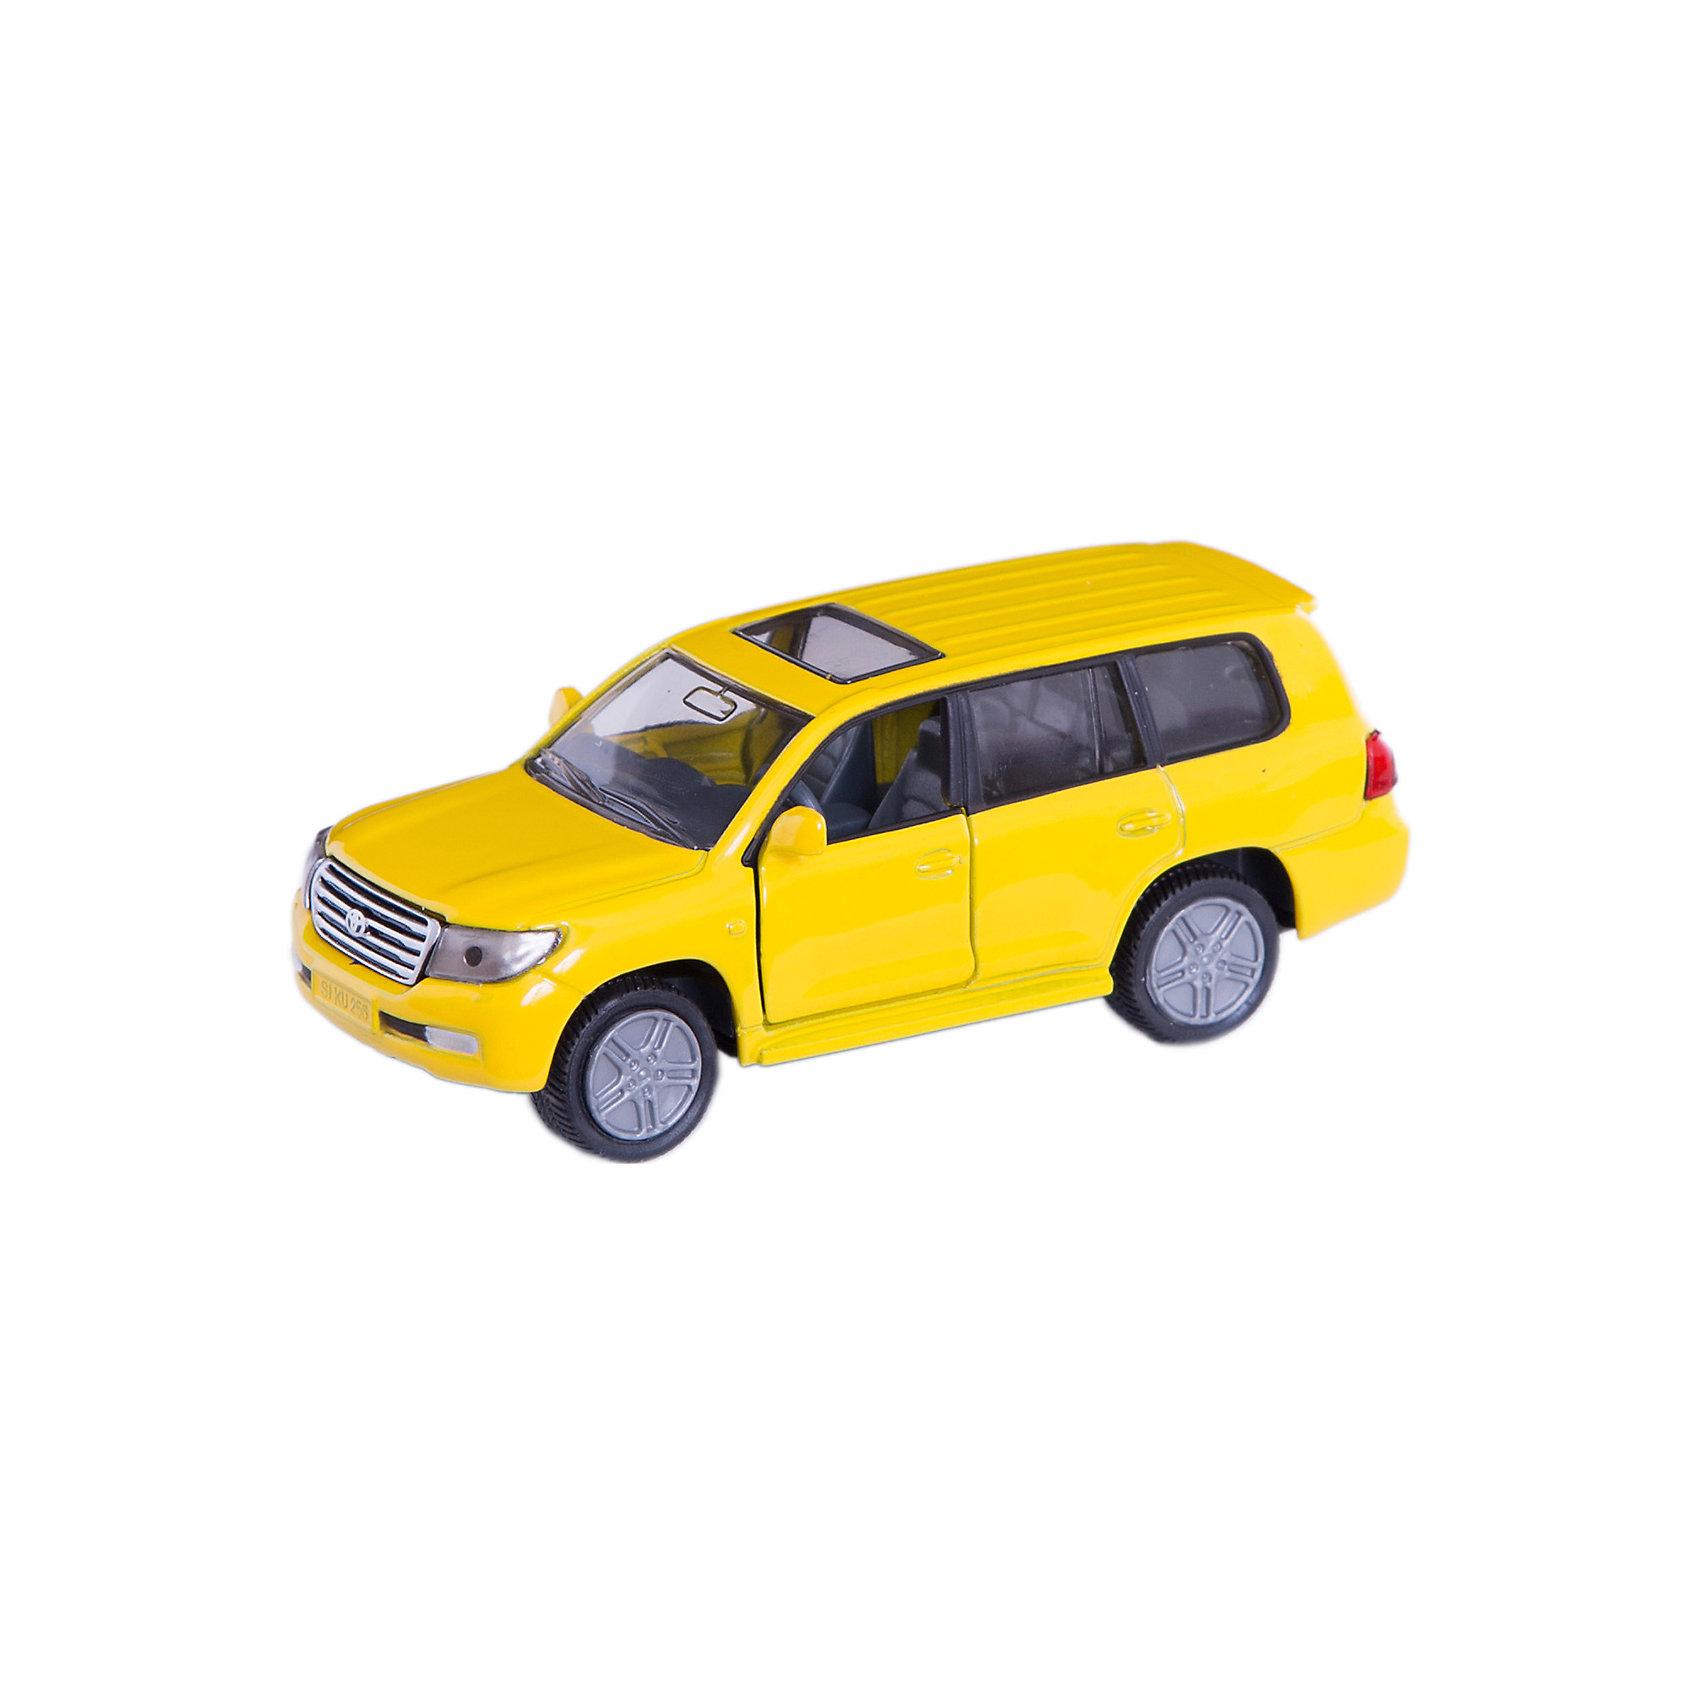 SIKU 1440 Toyota LandcruiserМашинки<br>Игрушечная модель SIKU (СИКУ) 1440 Toyota Landcruiser в точности повторяет внешний вид настоящего внедорожника, имеющего успех по всему миру, начиная с 1950 года.<br><br>Сильный Landcruiser поражает мощными формами металлического кузова. Корпус внедорожника выполнен из металла, лобовое и заднее стёкла из прозрачной тонированной пластмассы, передние двери открываются, колёса выполнены из резины и вращаются, можно катать.<br><br>Дополнительная информация:<br>-Материал: металл, пластиковые элементы <br>-Размер игрушки: 9,0 x 4,0 x 3,3 см<br>-Масштаб  1:50<br>-Цвета в ассортименте (заранее выбрать невозможно)<br><br>Эта модель, оснащенная открывающимися дверями и большими колесами с резиновыми протекторами, идеально дополняет серию внедорожников фирмы SIKU (СИКУ).<br><br>SIKU (СИКУ) 1440 Toyota Landcruiser можно купить в нашем магазине.<br><br>Ширина мм: 77<br>Глубина мм: 98<br>Высота мм: 38<br>Вес г: 76<br>Возраст от месяцев: 36<br>Возраст до месяцев: 96<br>Пол: Мужской<br>Возраст: Детский<br>SKU: 1851904